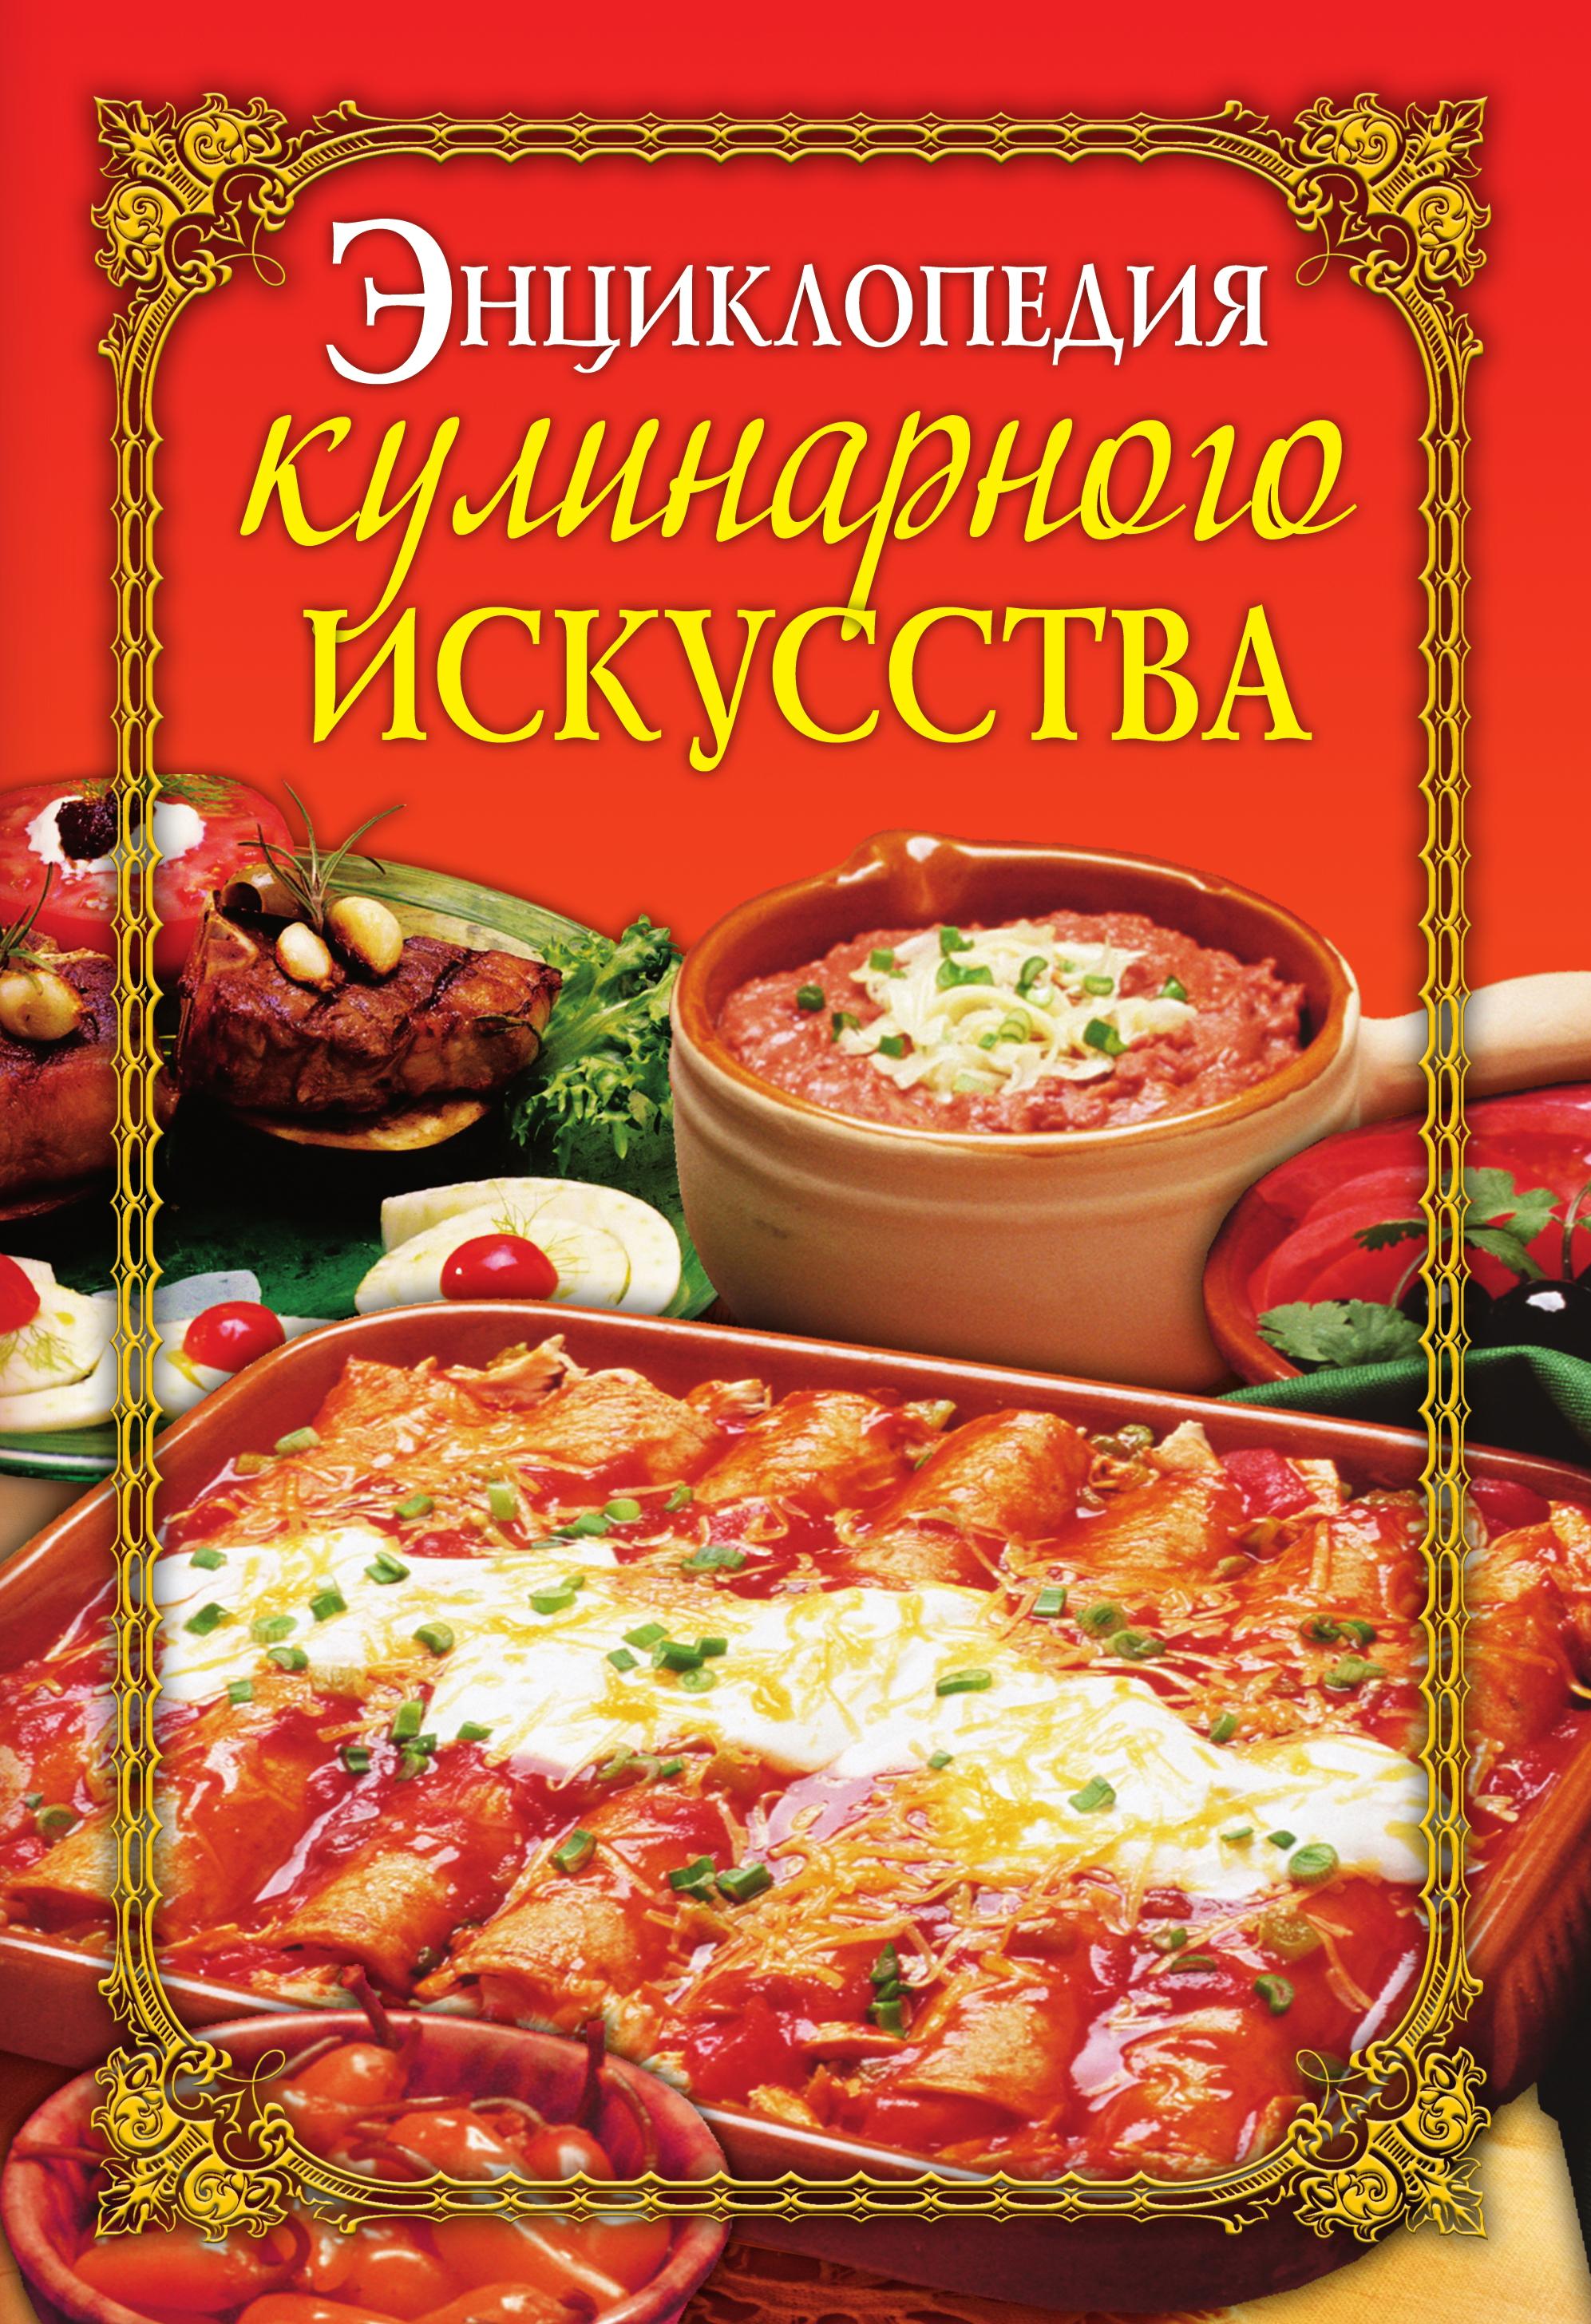 Е. А. Бойко Энциклопедия кулинарного искусства бойко е лучшие рецепты блюд на пару